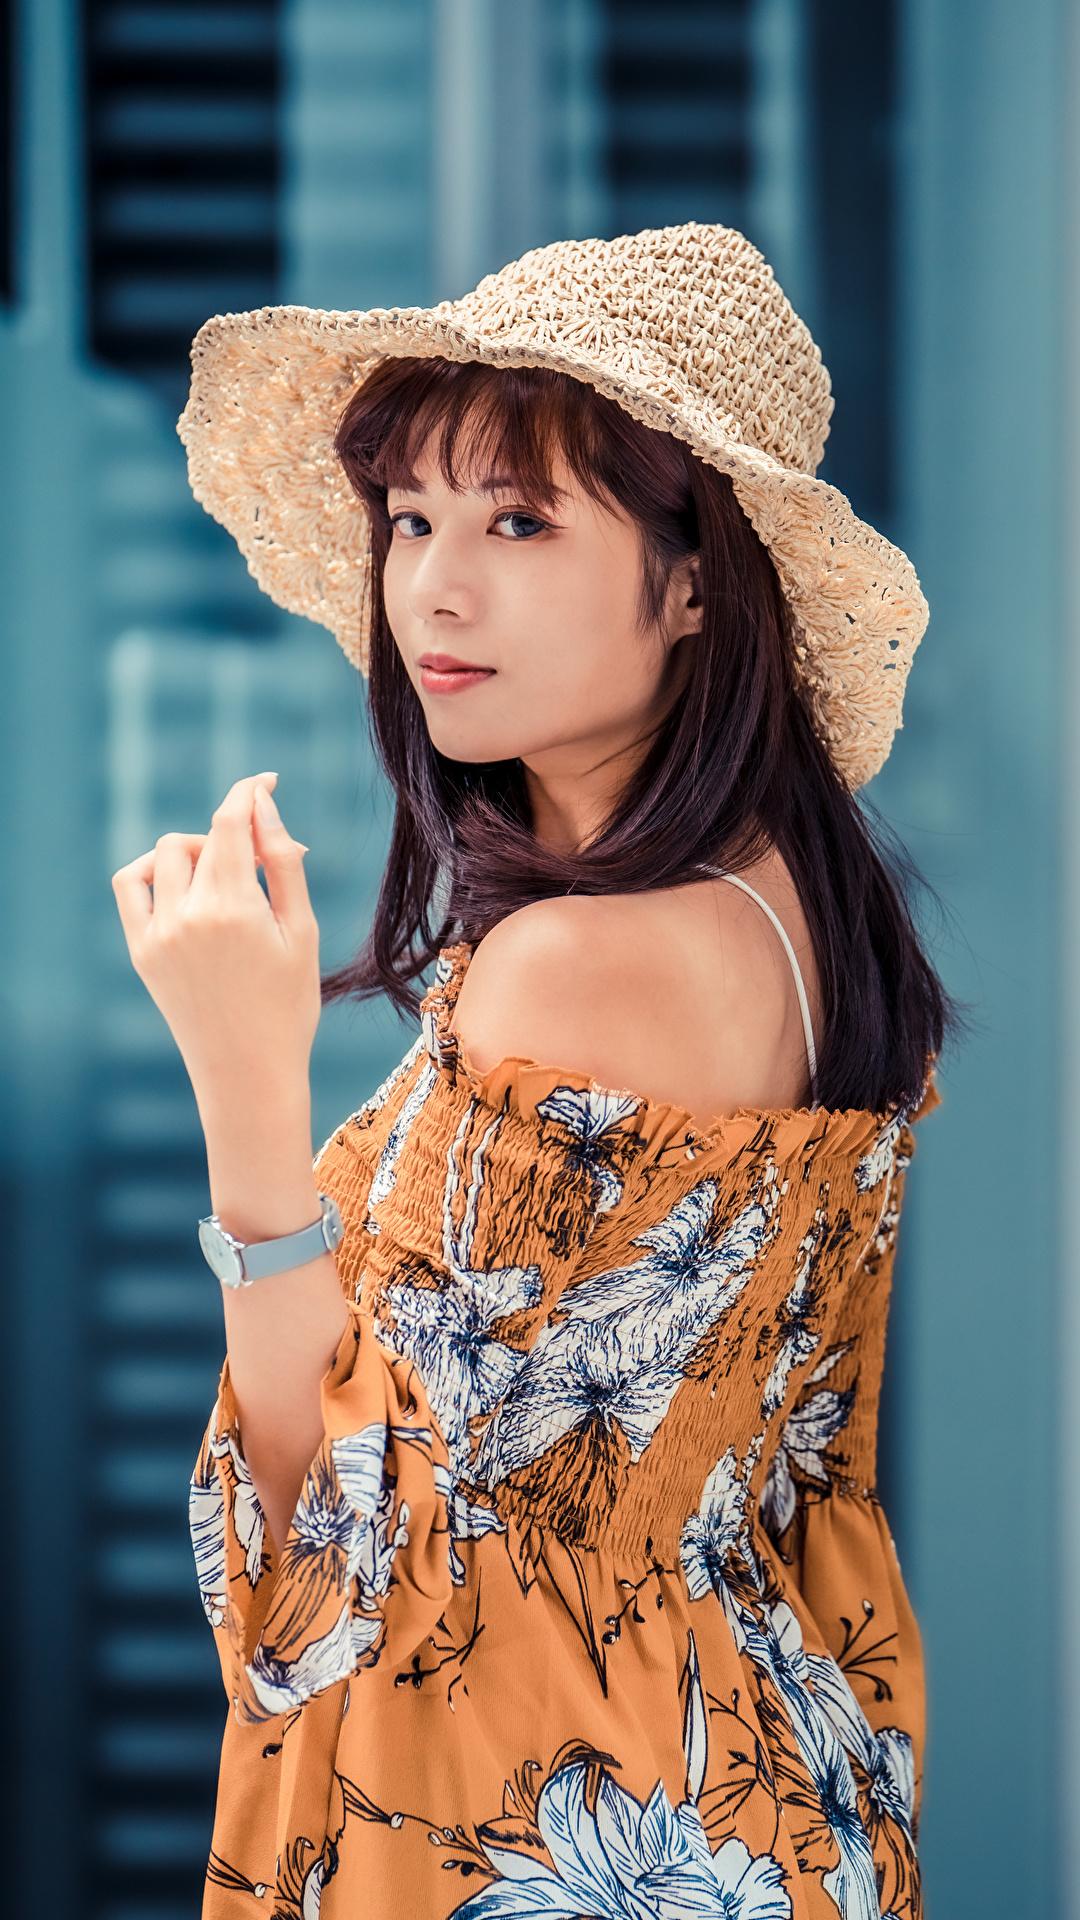 Фото Шатенка Блузка Шляпа молодая женщина Азиаты рука смотрит 1080x1920 для мобильного телефона шатенки шляпы шляпе девушка Девушки молодые женщины азиатки азиатка Руки Взгляд смотрят